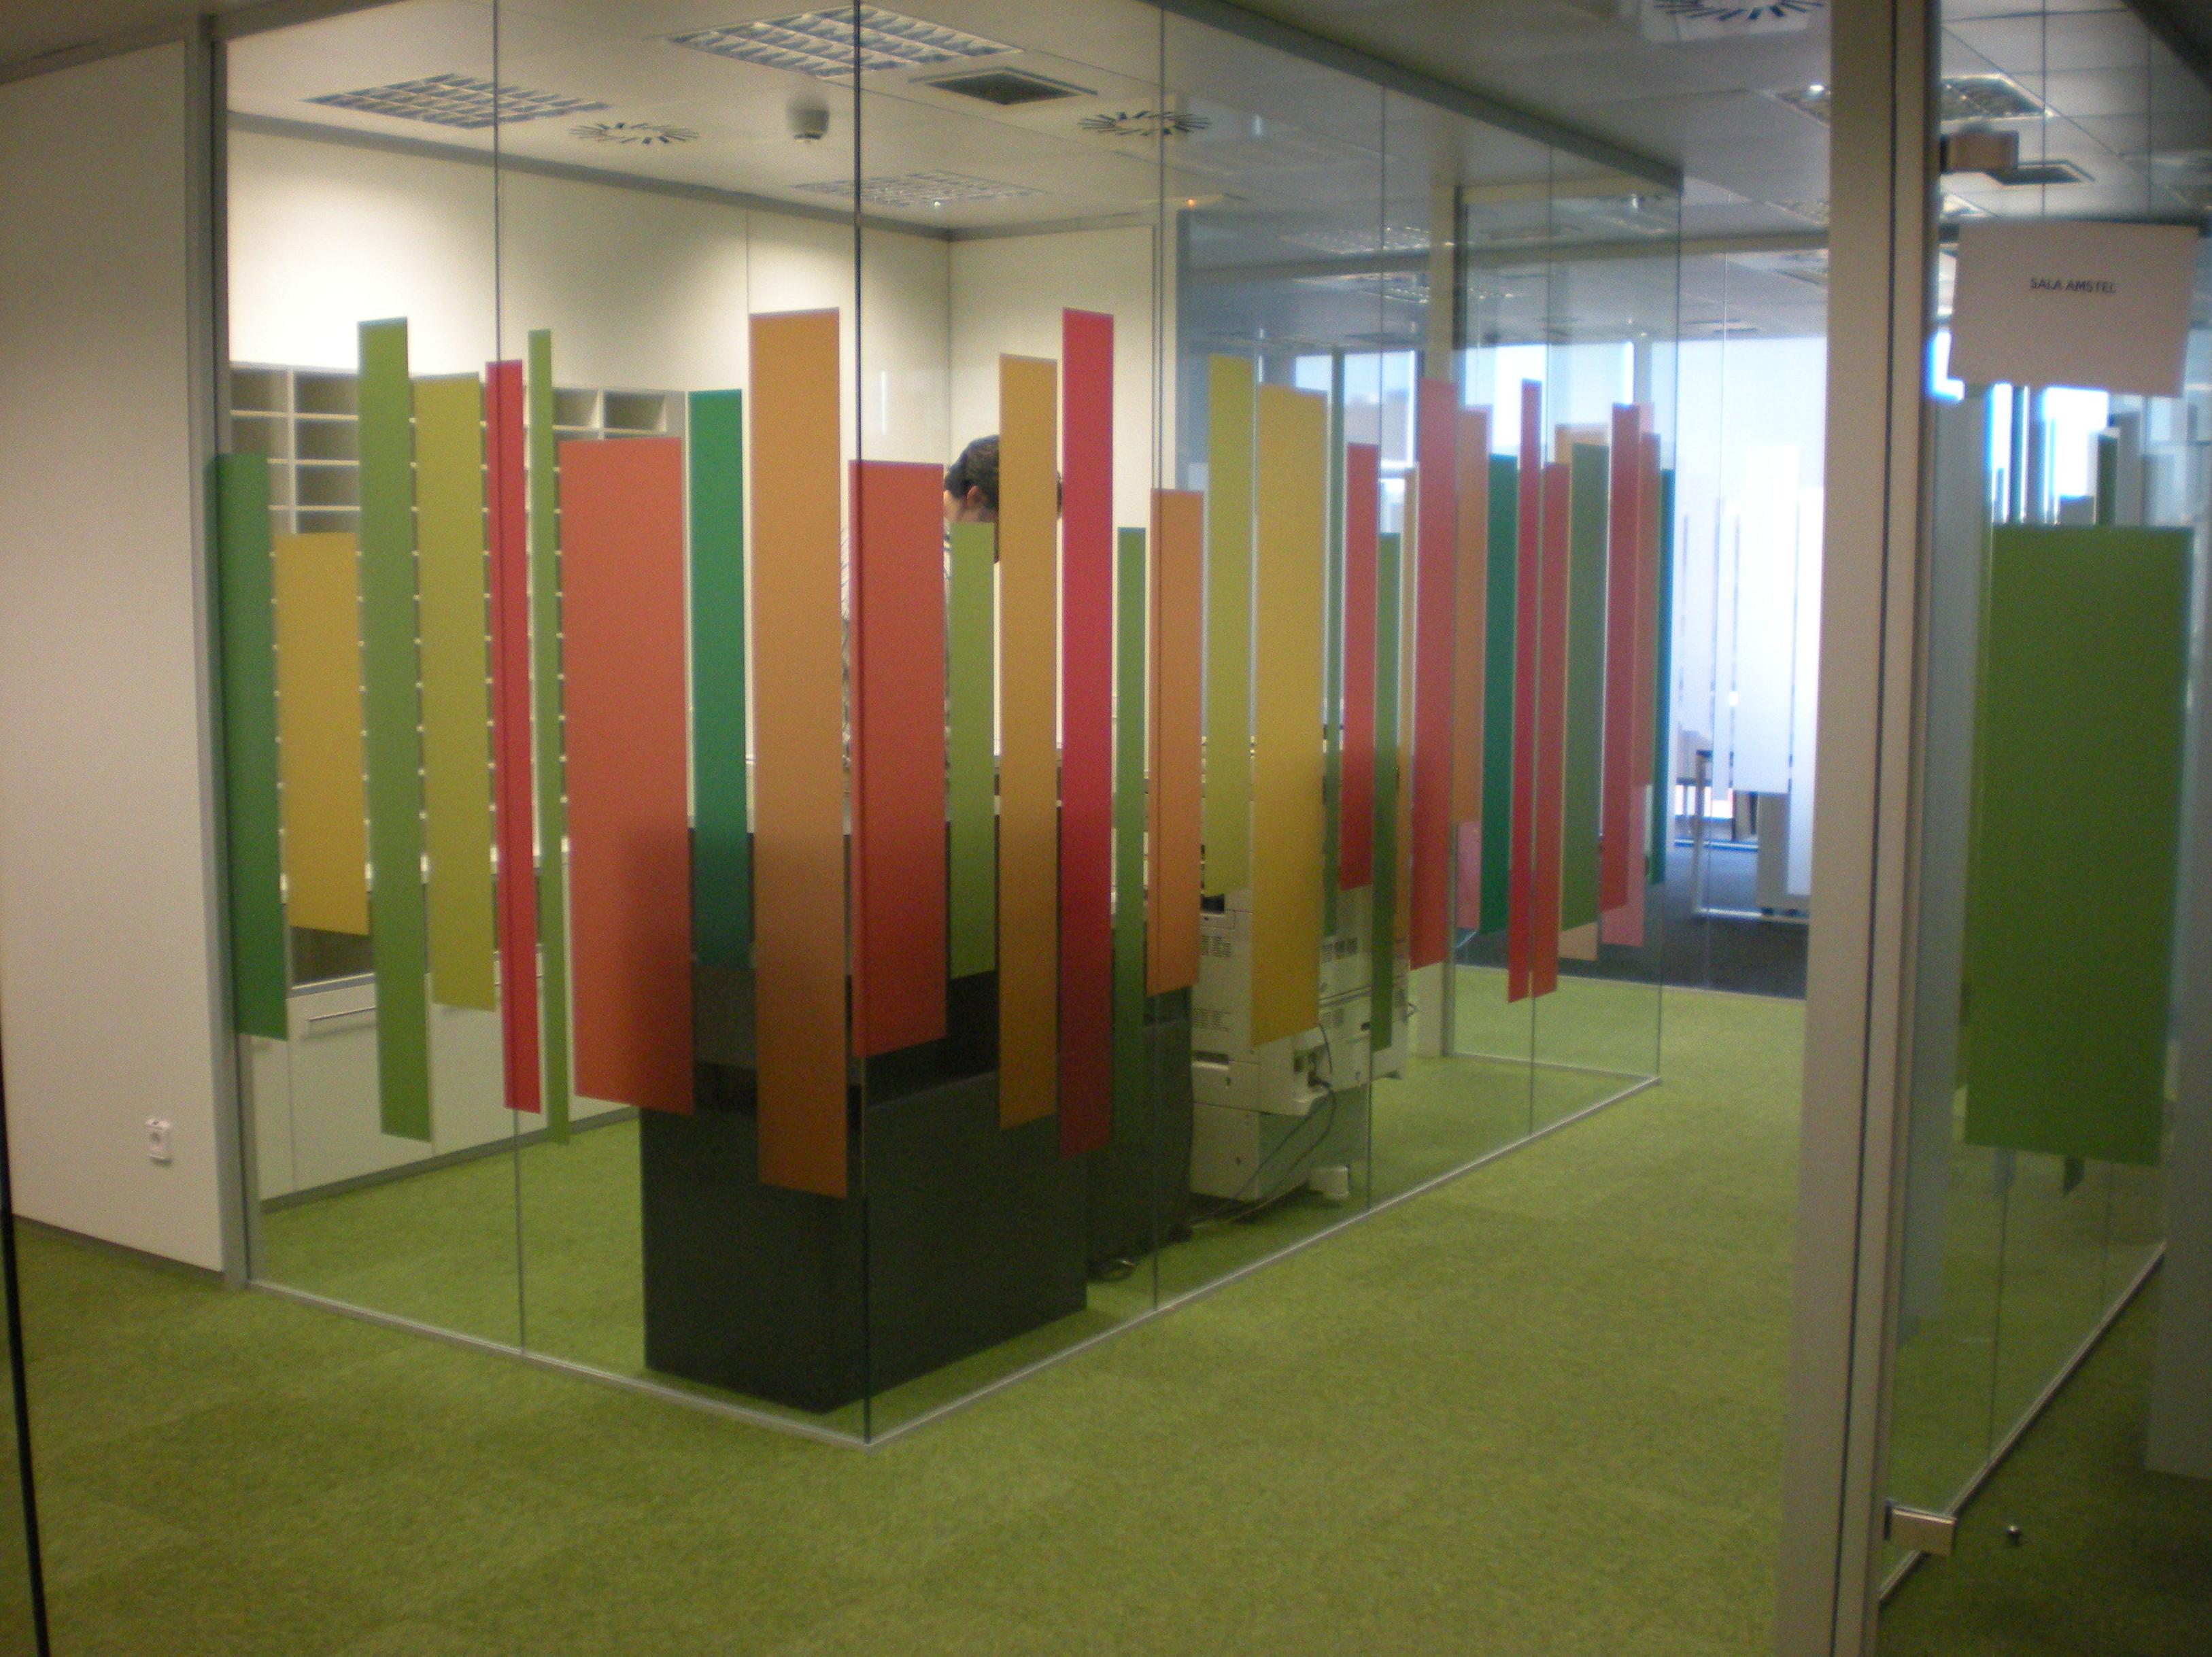 Mamparas oficina madrid for Mamparas de oficina madrid